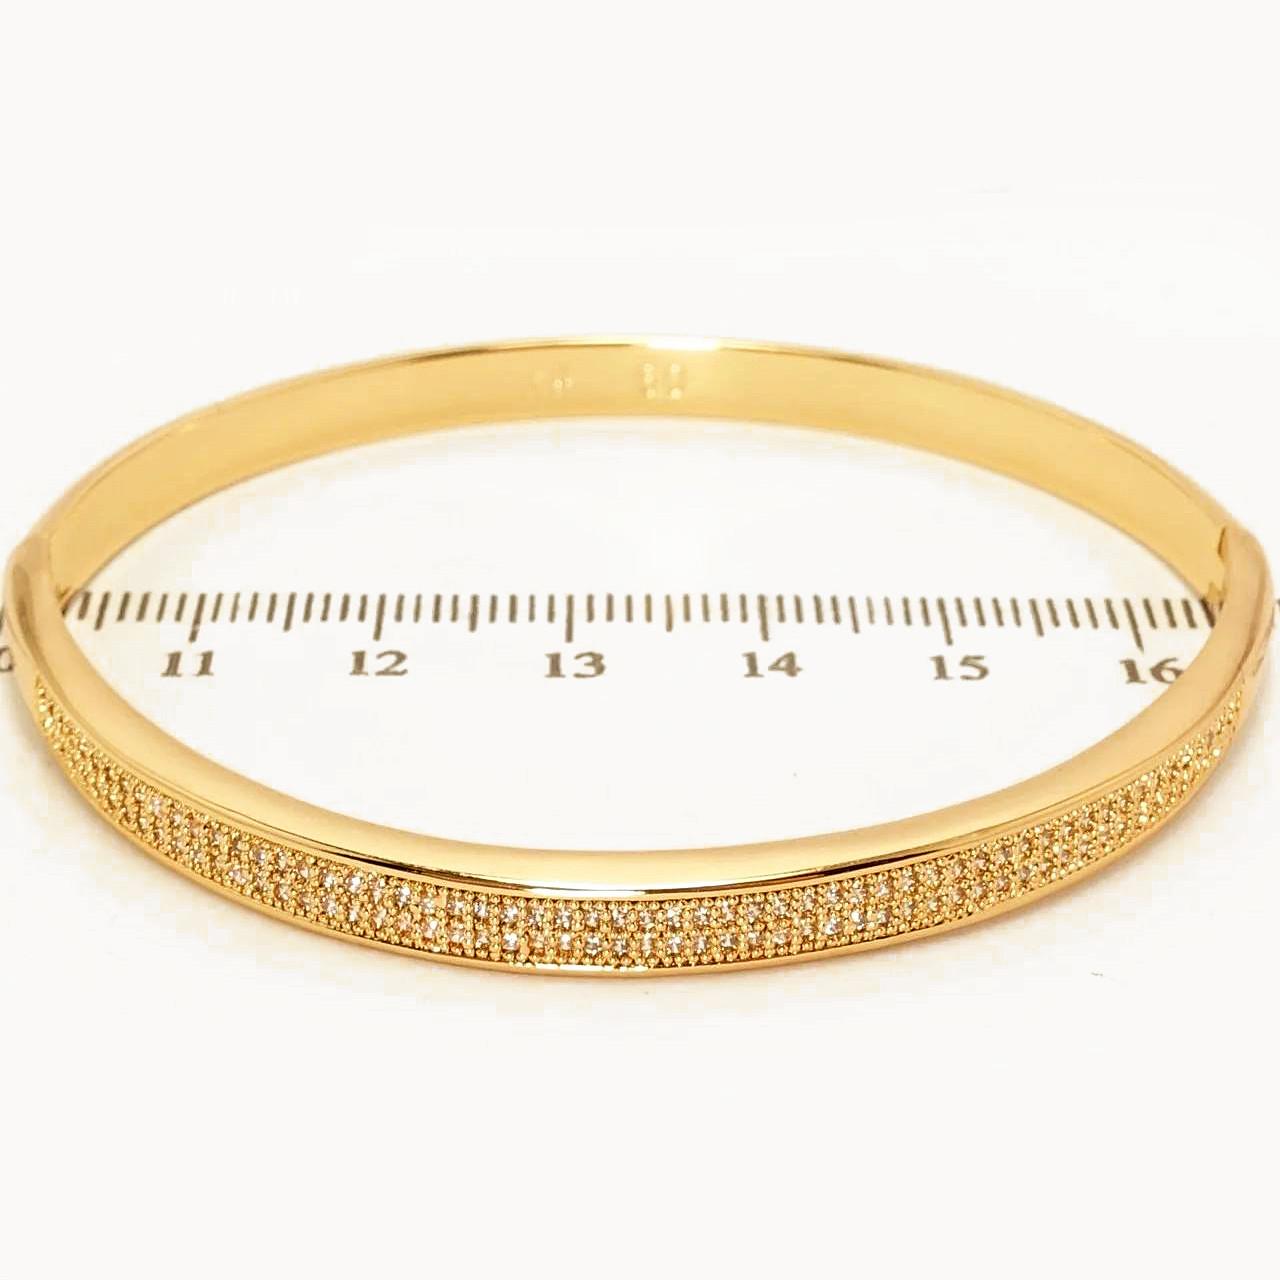 Браслет 5мм диаметр 6см xuping позолота 18К цирконий 2326